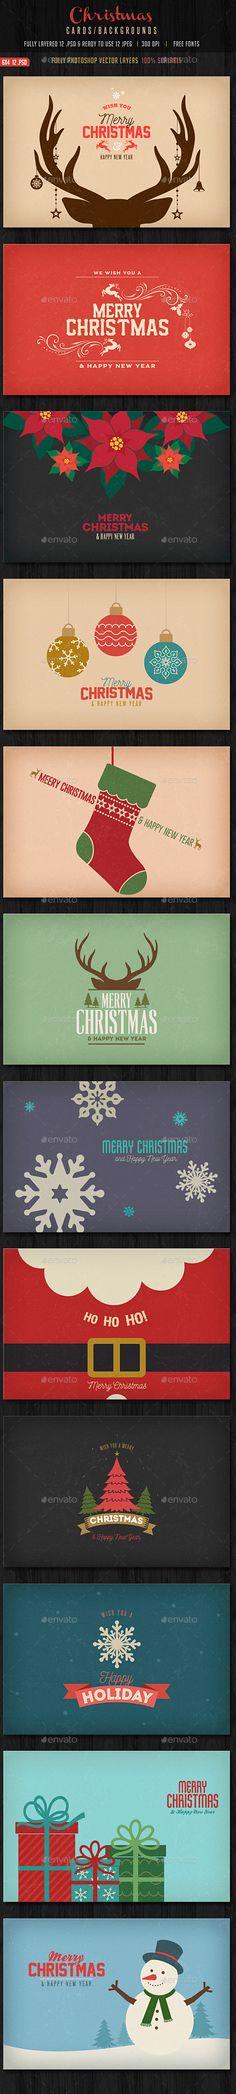 Vintage Christmas Backgrounds / Cards #design Download: http://graphicriver.net/item/vintage-christmas-backgrounds-cards/13759674?ref=ksioks